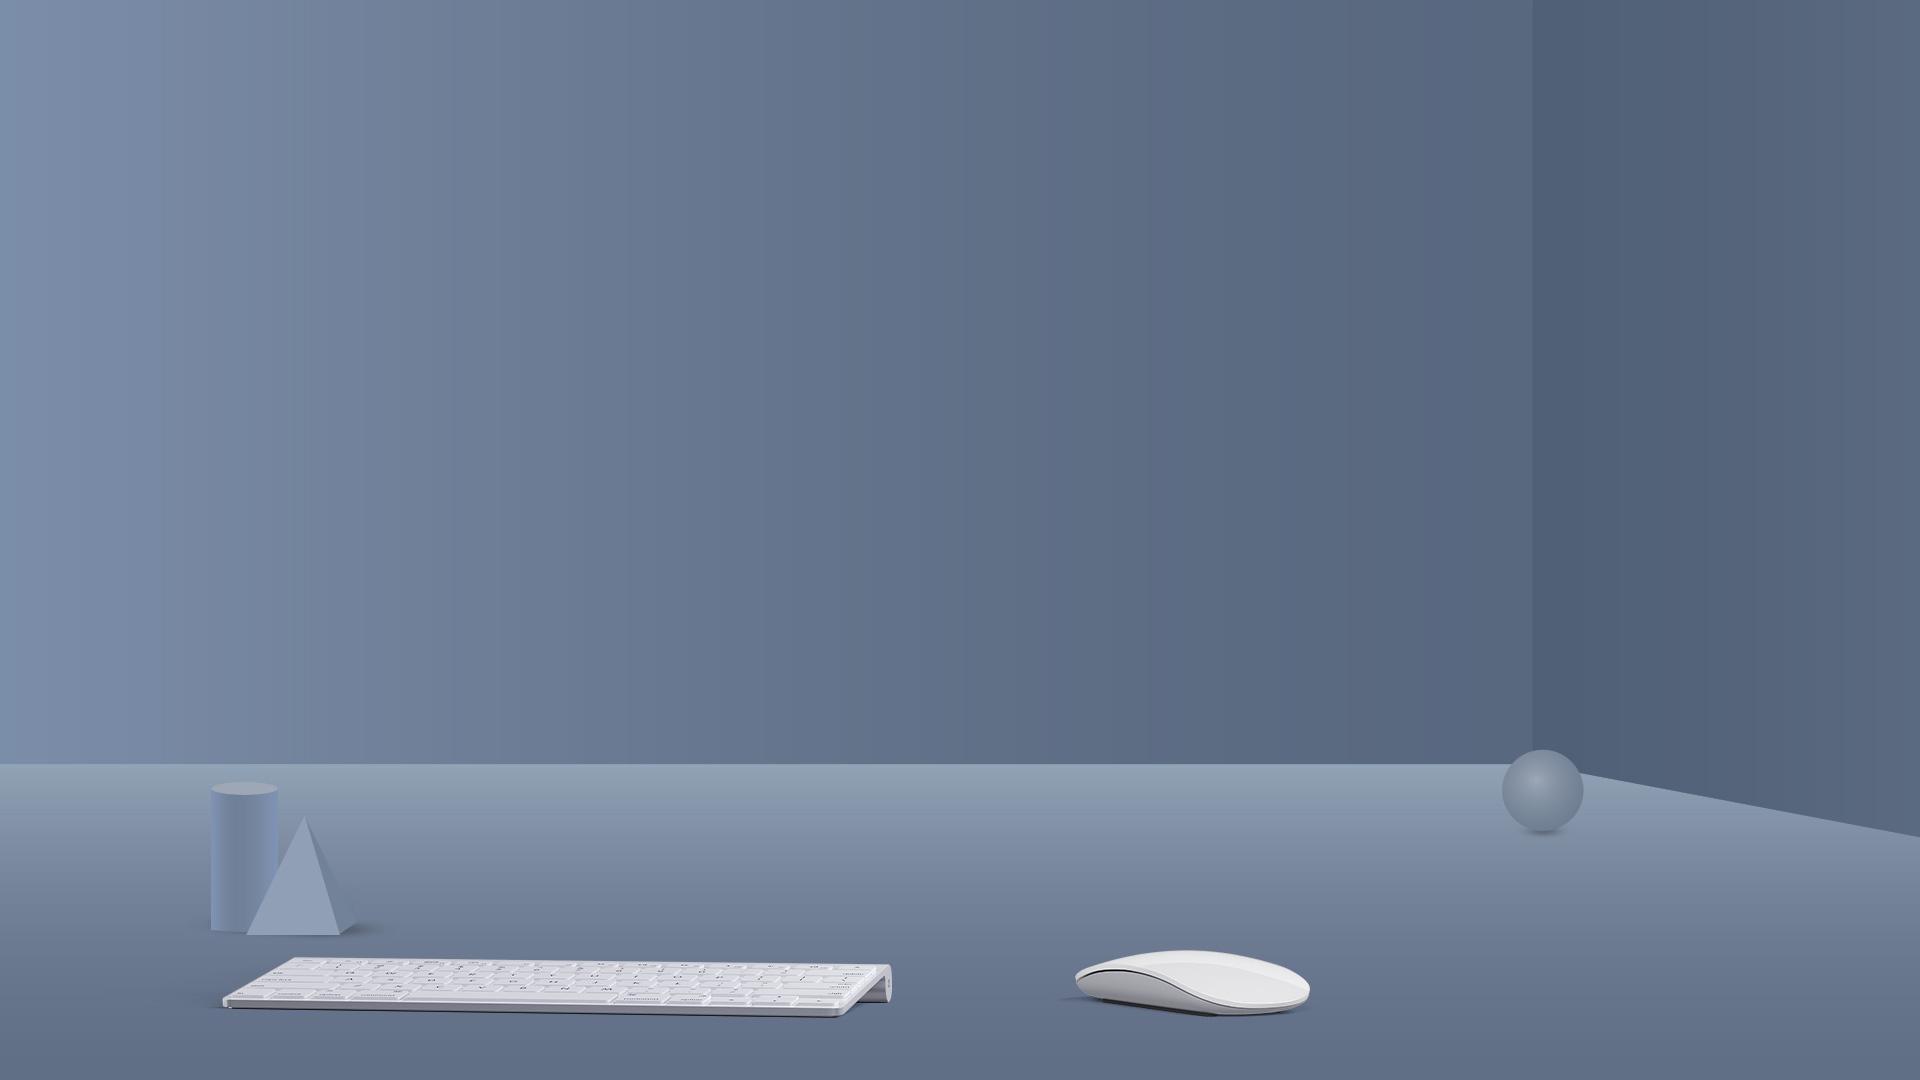 网页设计背景